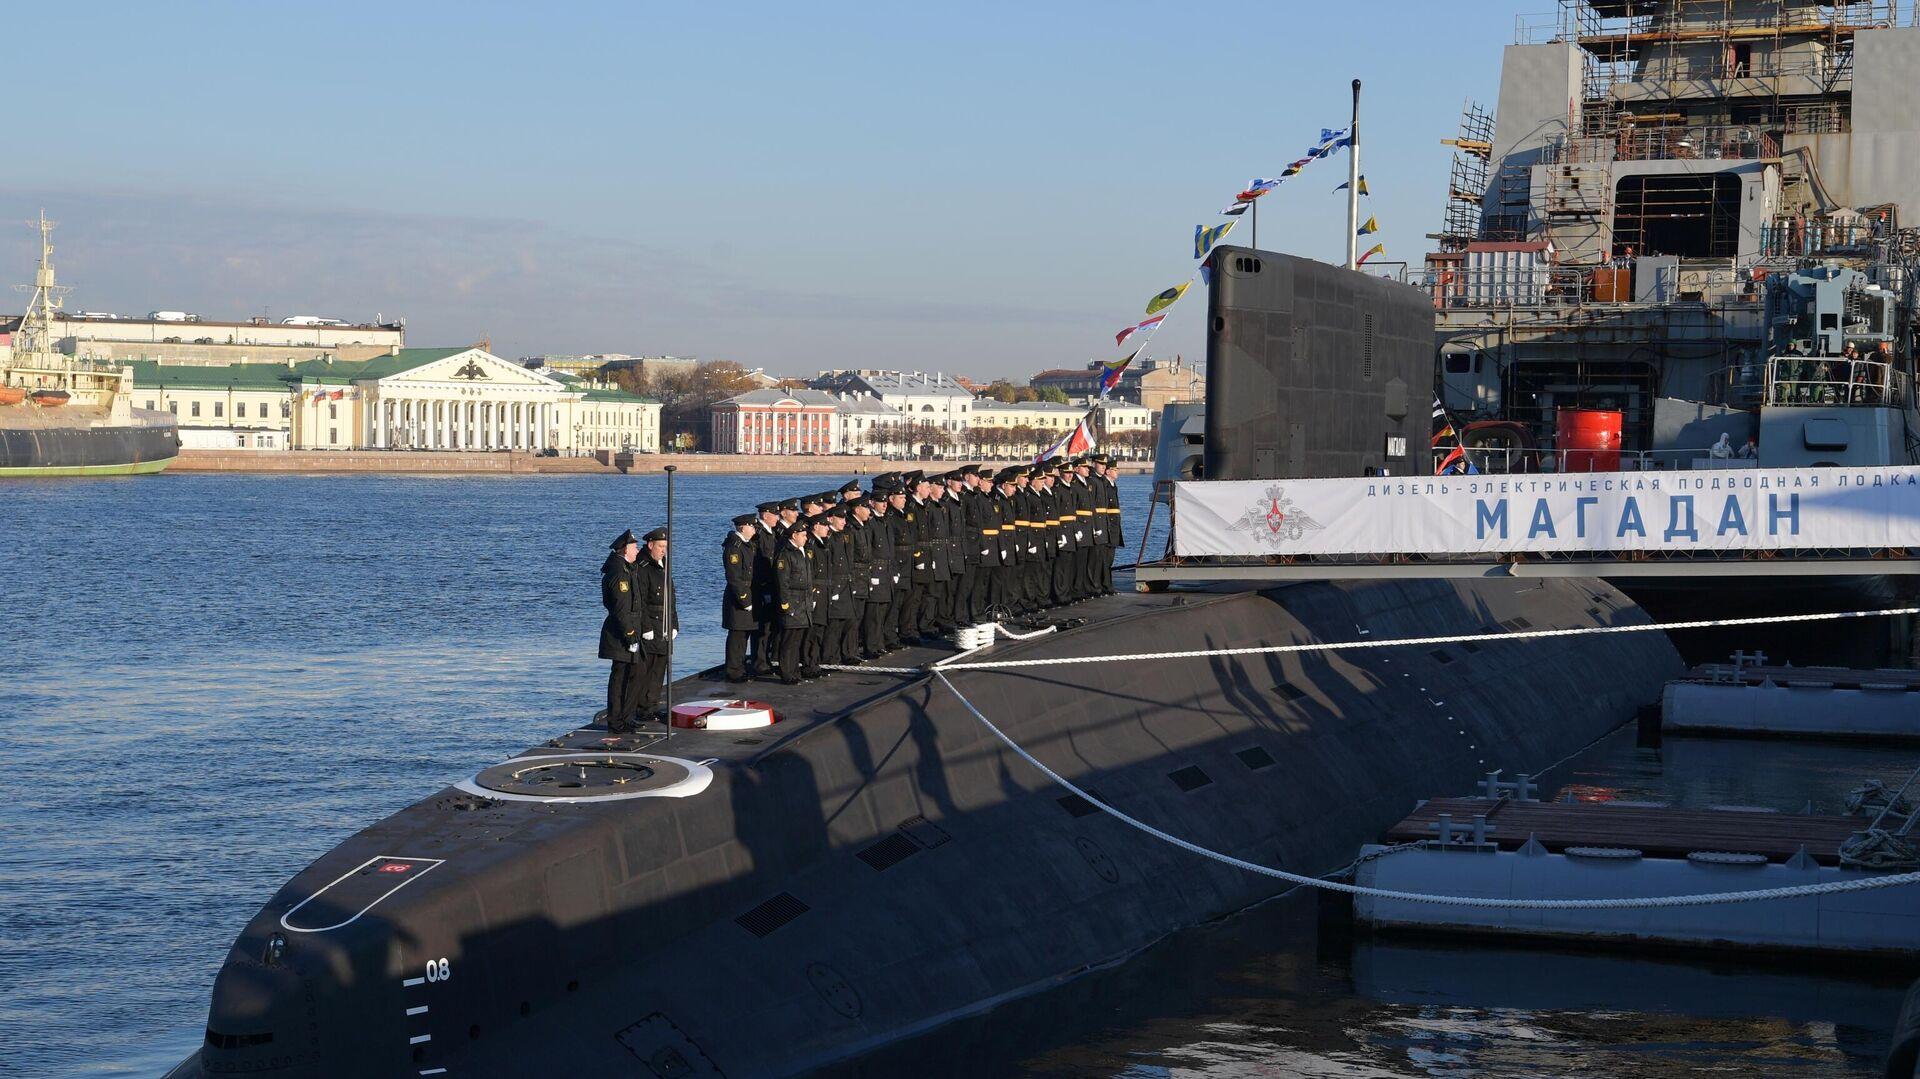 Ruska podmornica Magadan - Sputnik Srbija, 1920, 12.10.2021